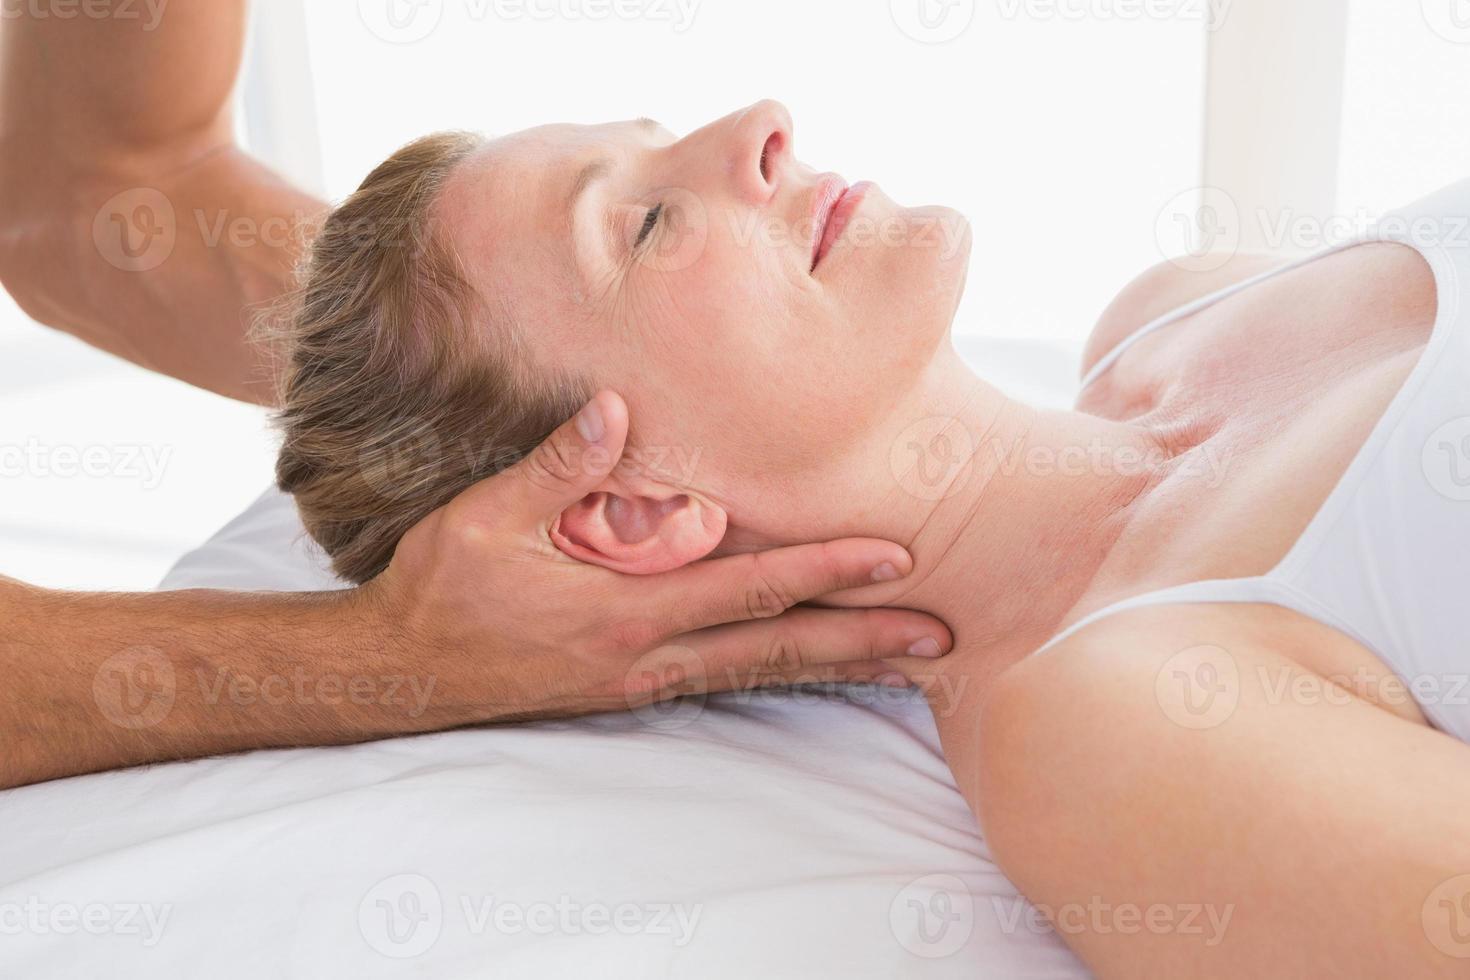 vrouw nek massage ontvangen foto